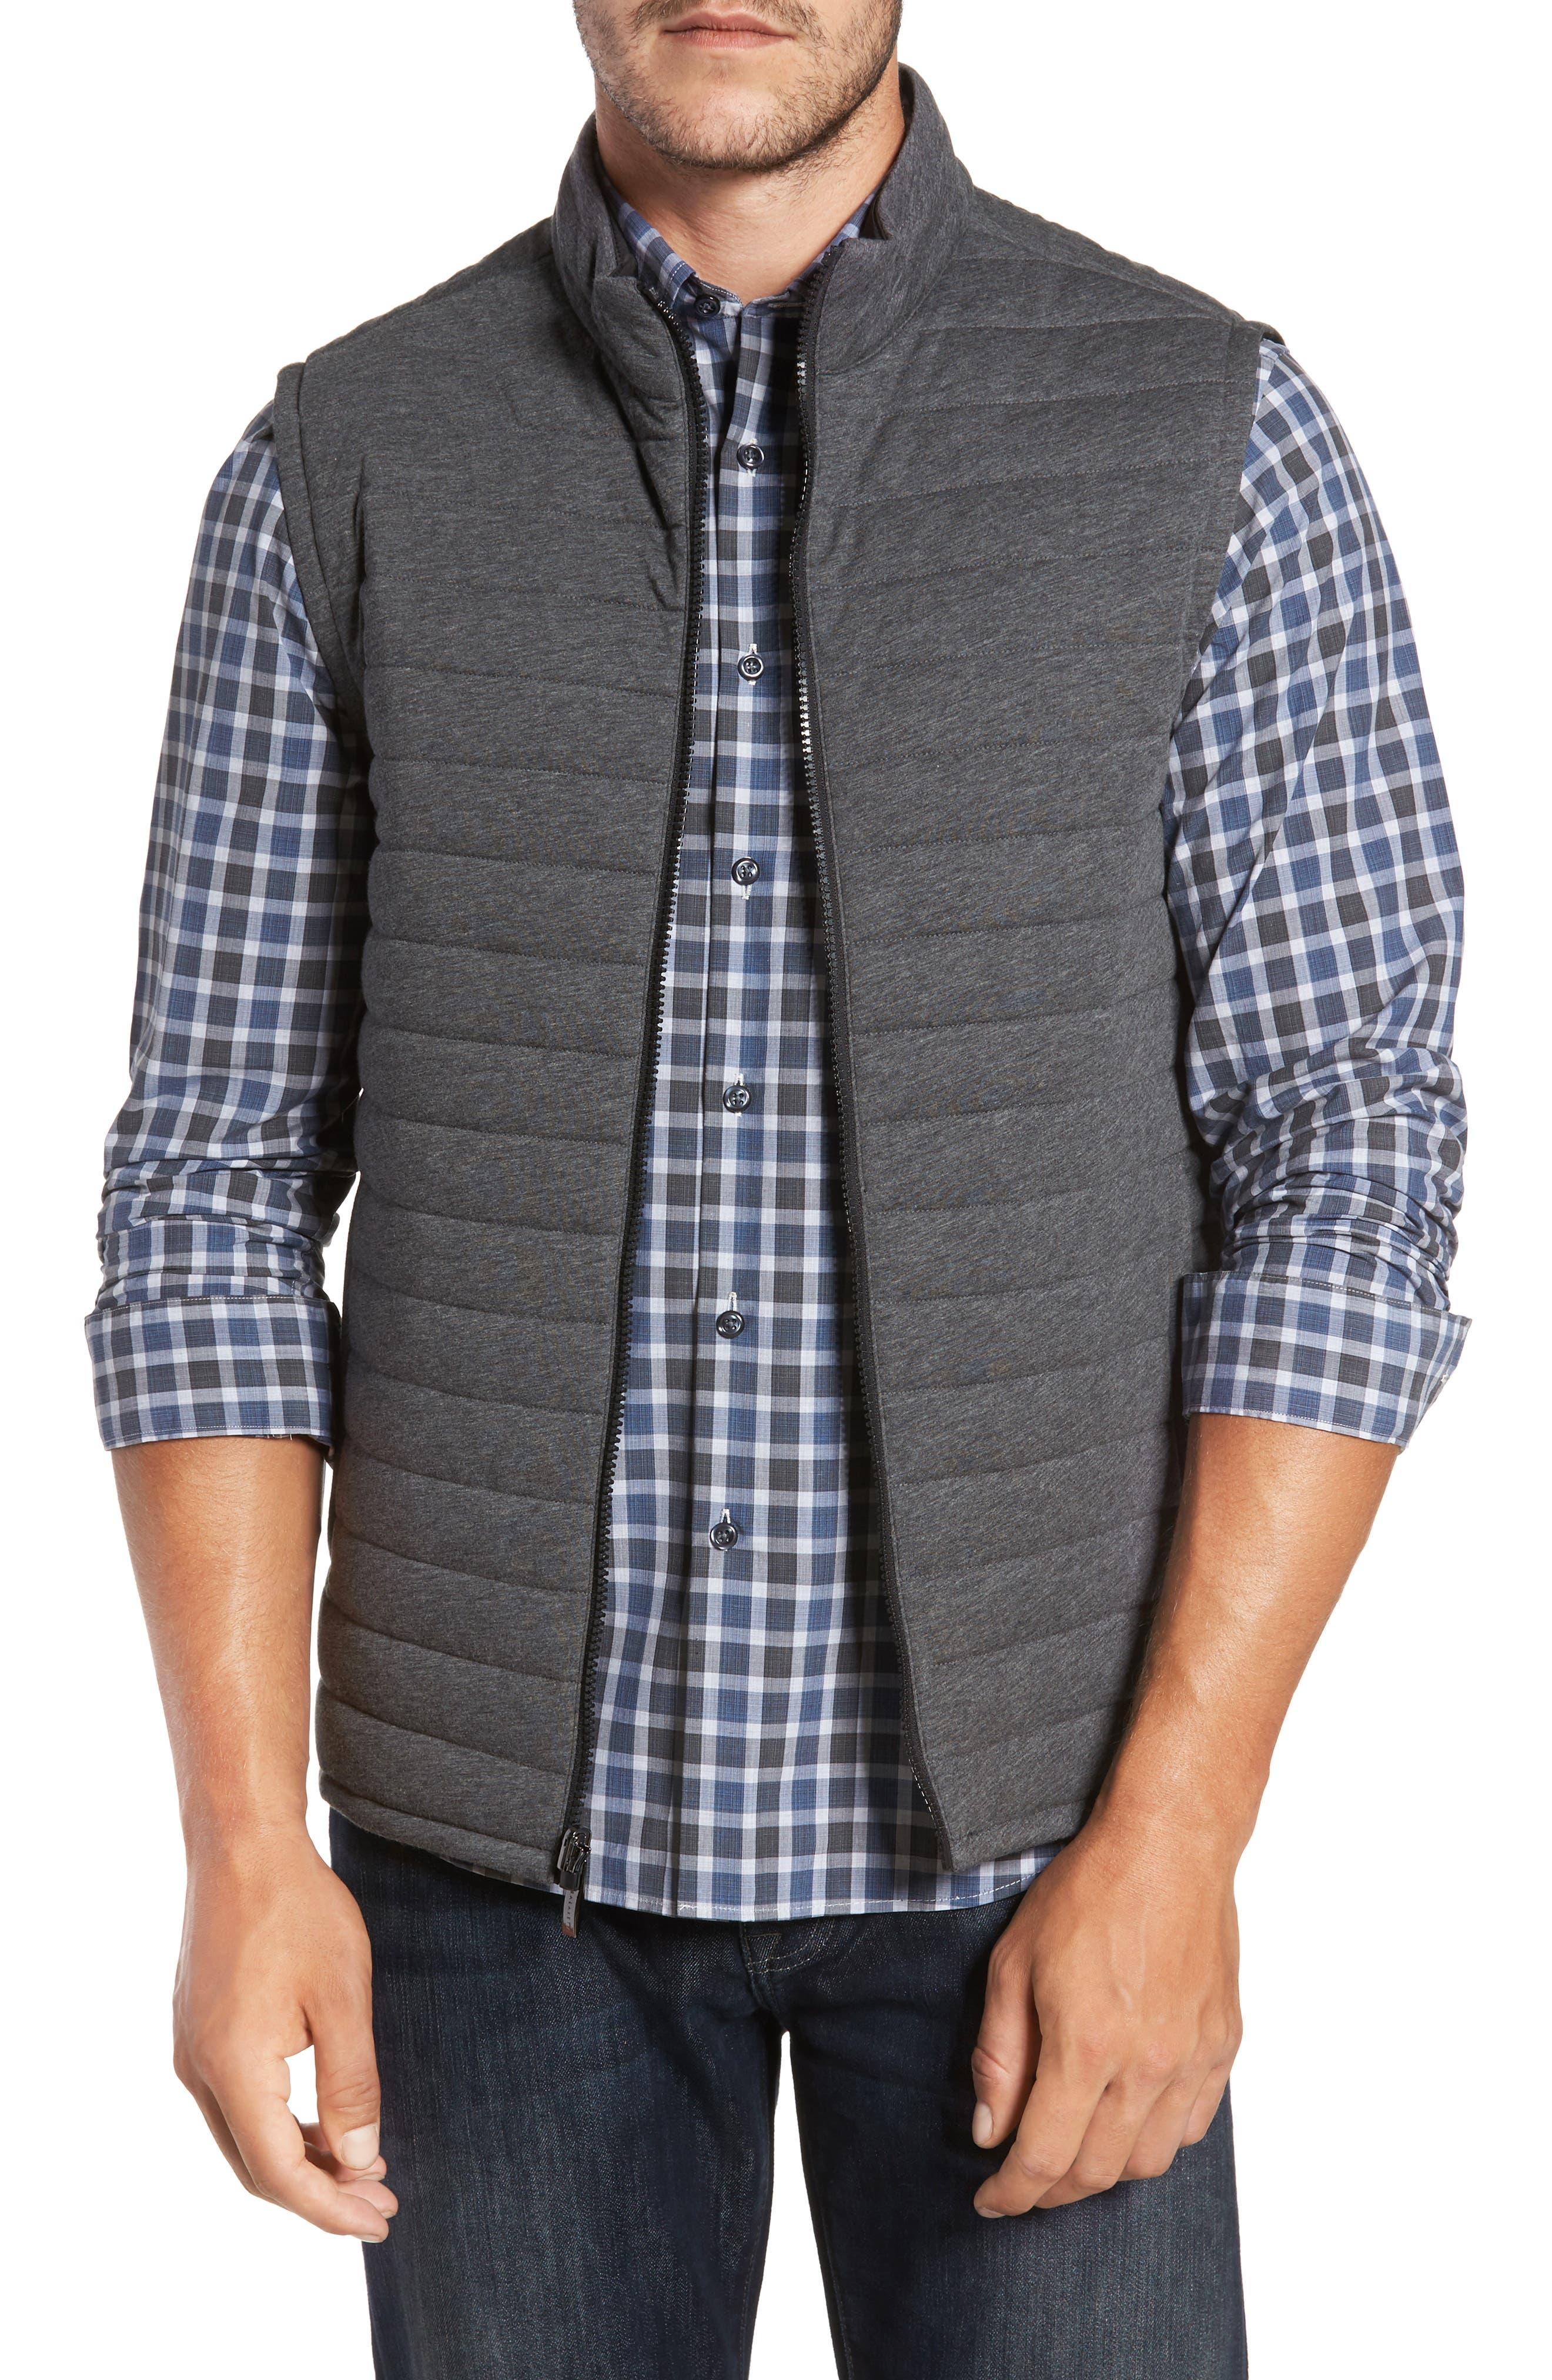 Main Image - Robert Barakett Gallagher Reversible Vest